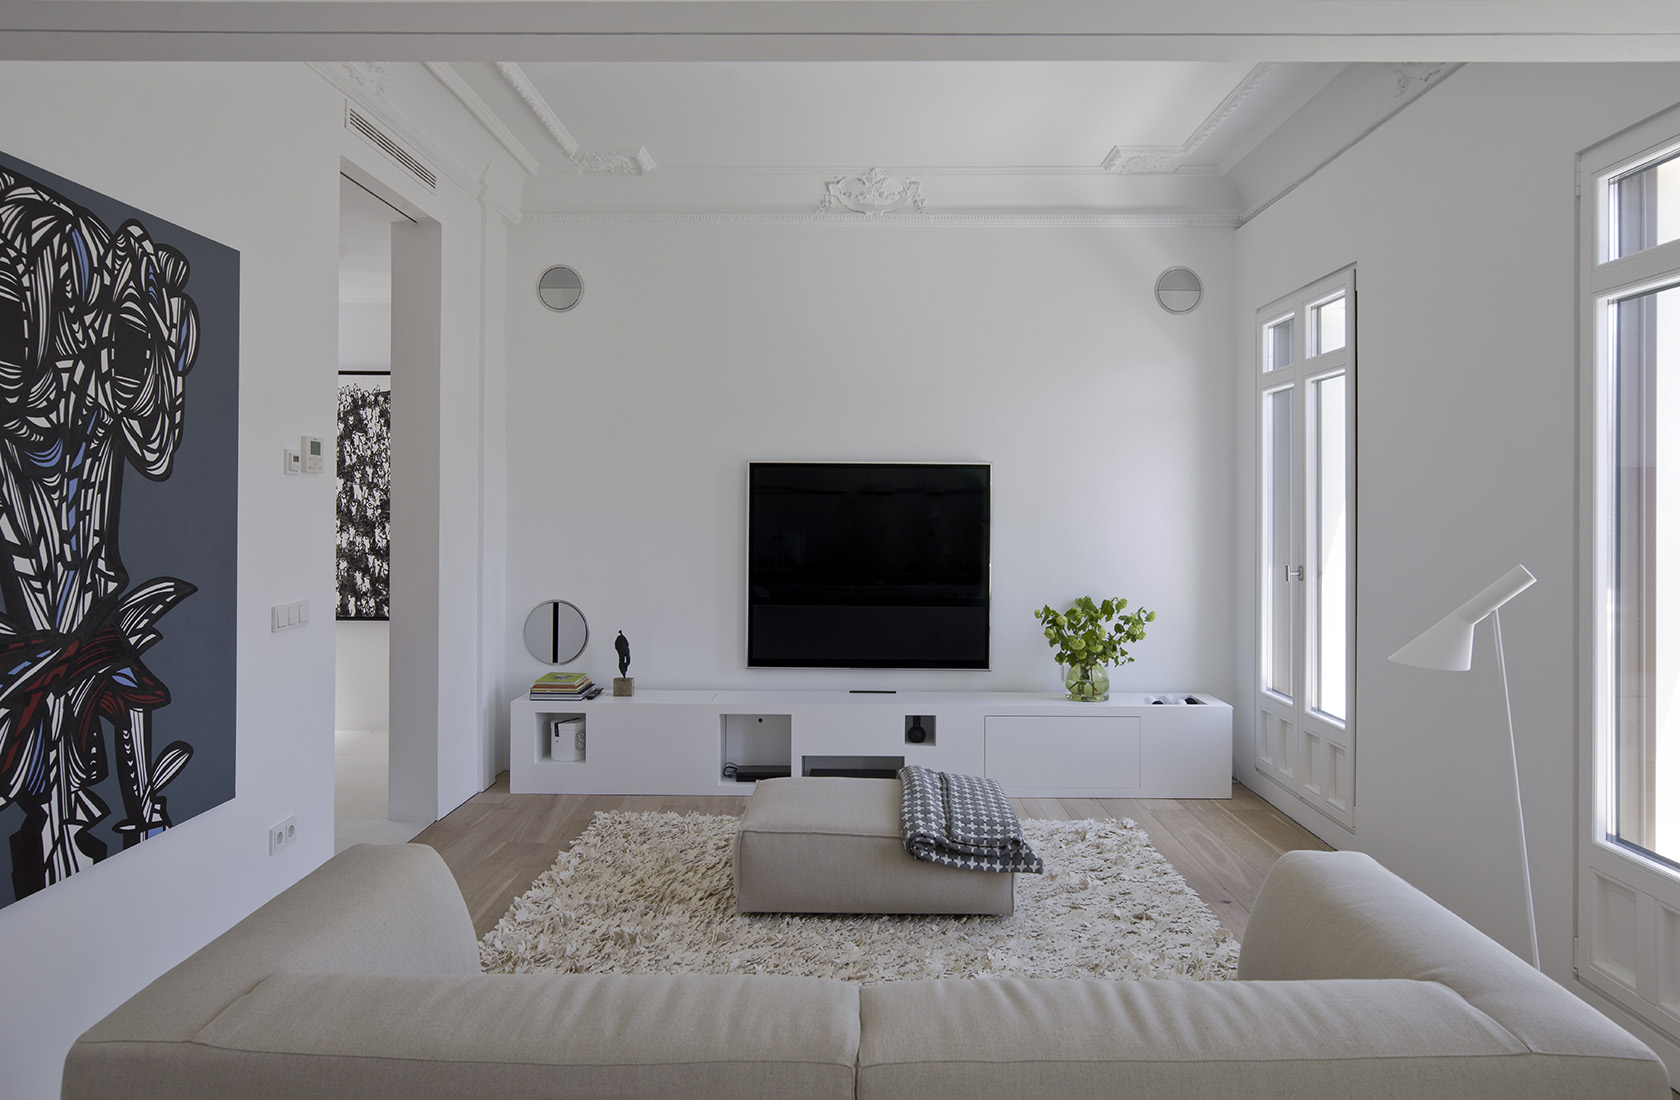 elementos clásicos y históricos en la sala de estar de la reforma integral en alcalá